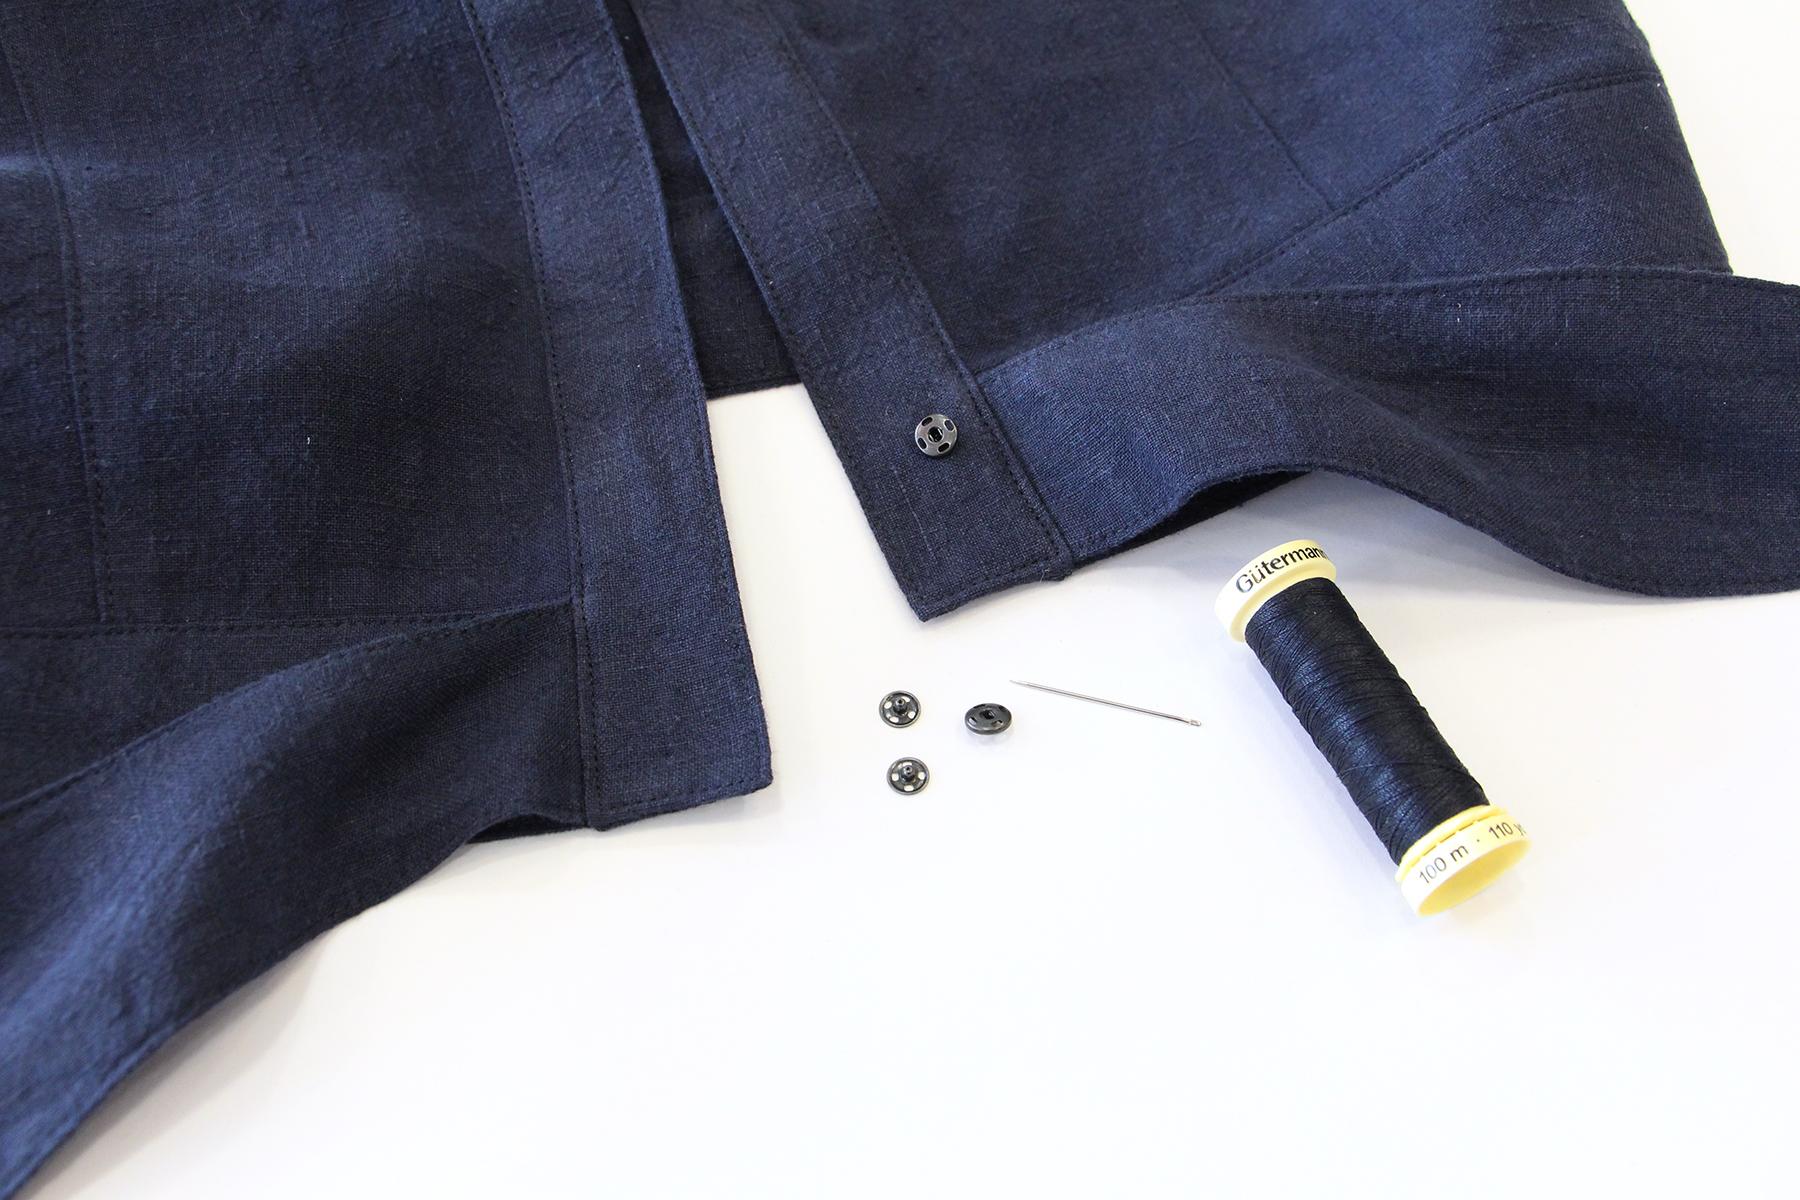 Megan Nielsen Patterns   Matilda Sewalong: Matching Set Hack   Adding Press Studs To Your Tie Top Hem